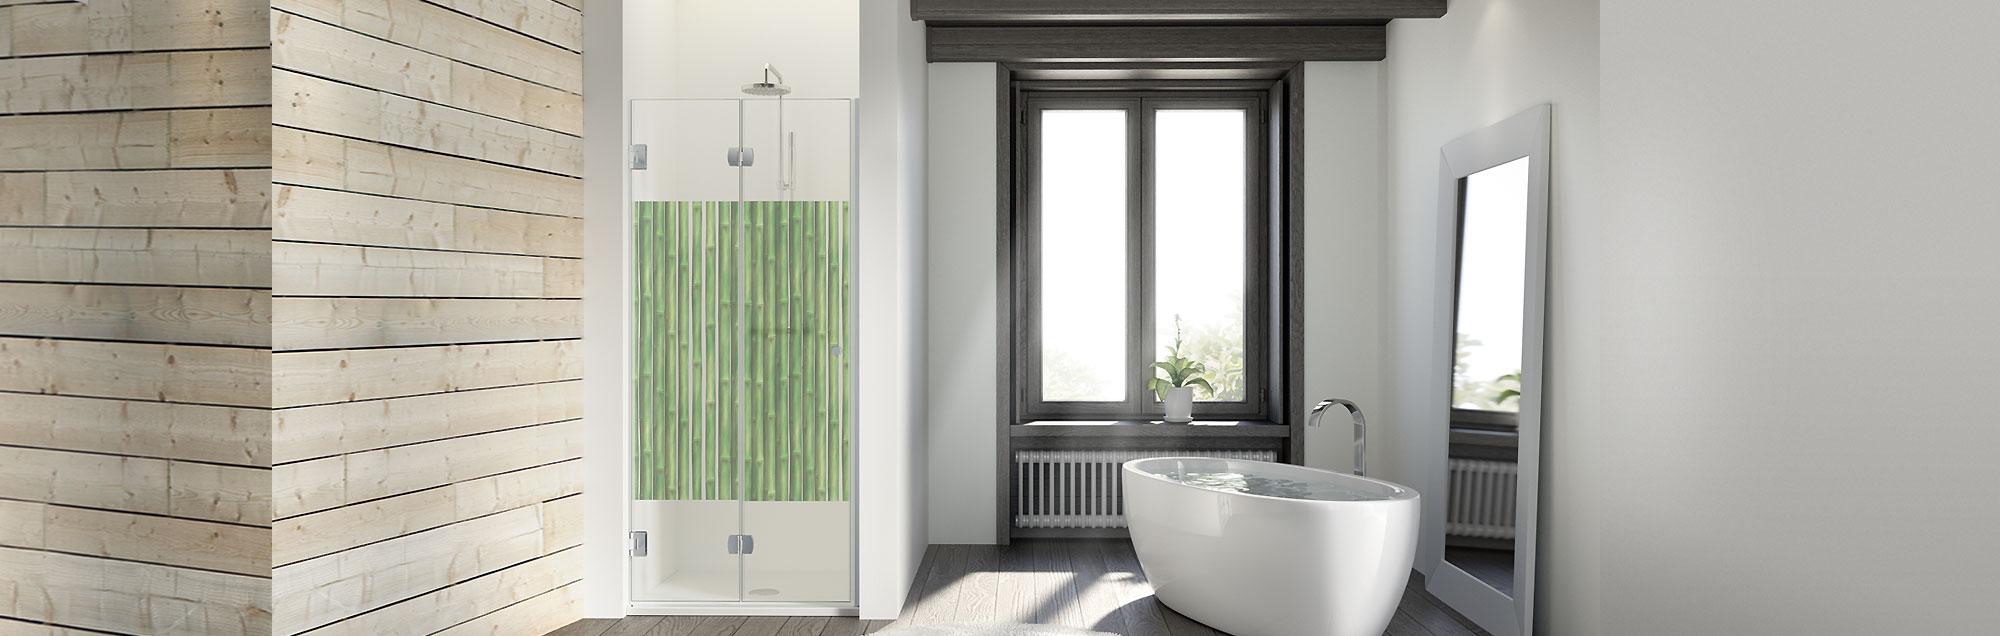 parois portes battantes pour douche et baignoire sur mesure de profiltek. Black Bedroom Furniture Sets. Home Design Ideas